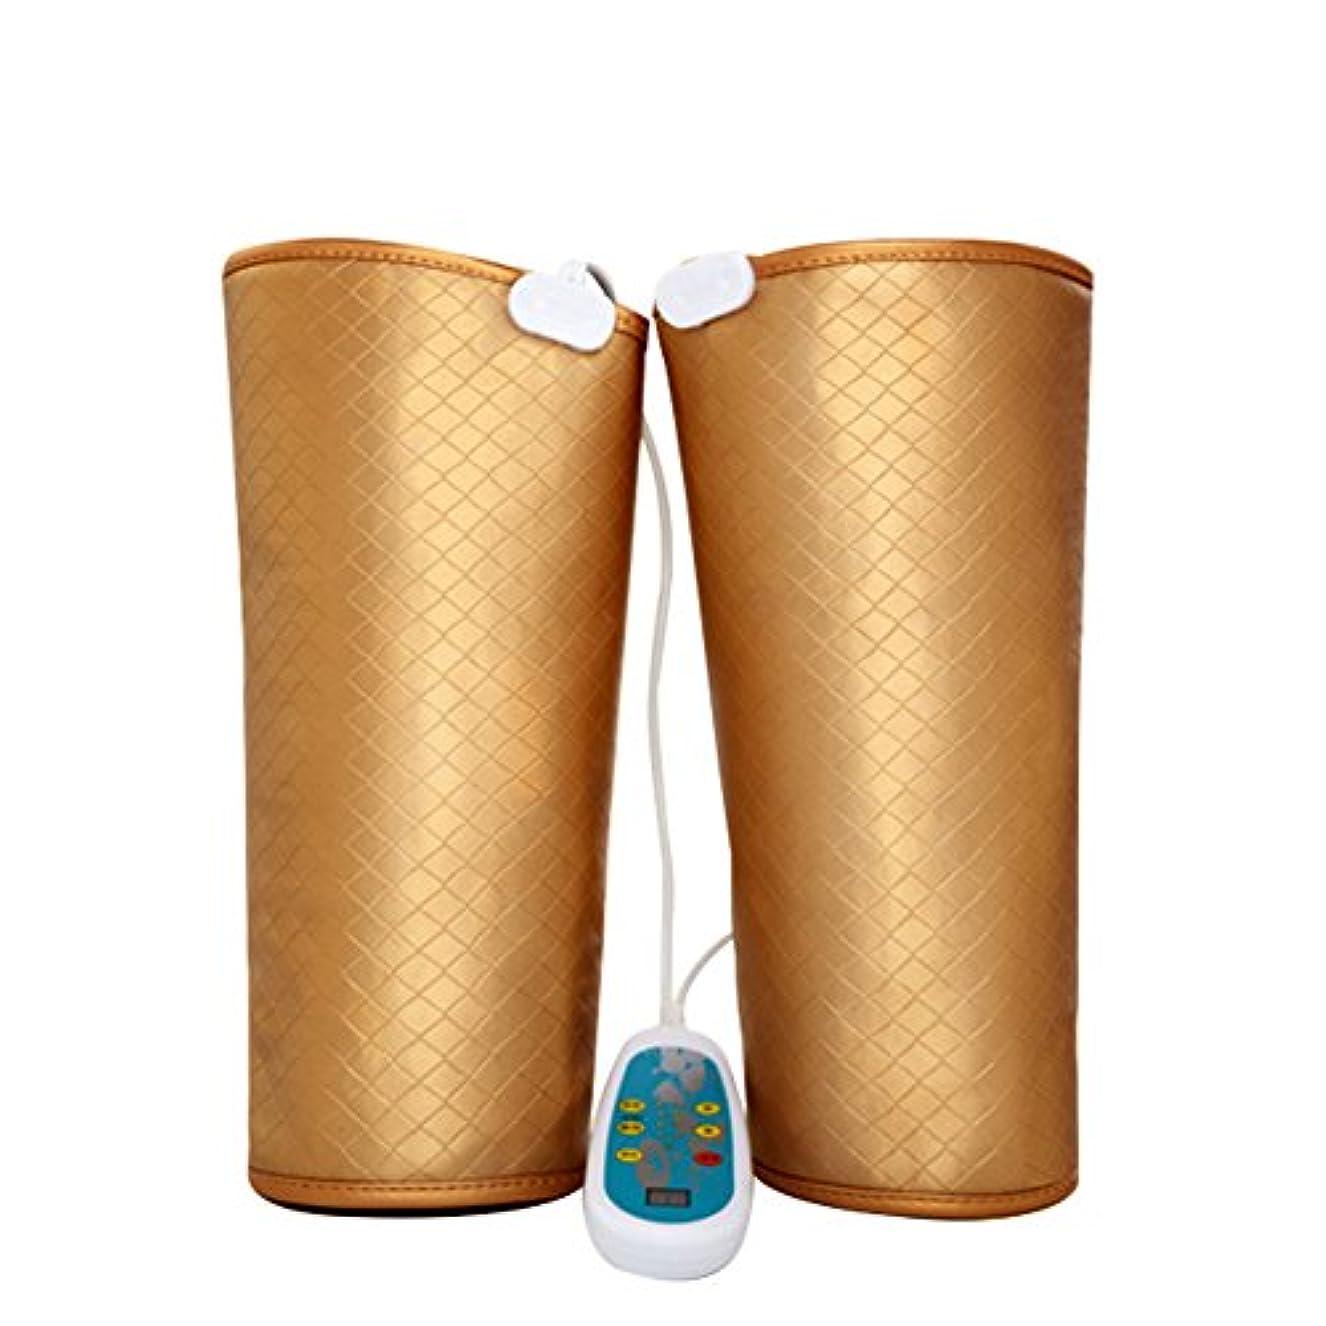 気質杖かび臭い電気マッサージ、膝の保温、男女通用、マッサージ機、膝と足を加熱してマッサージします